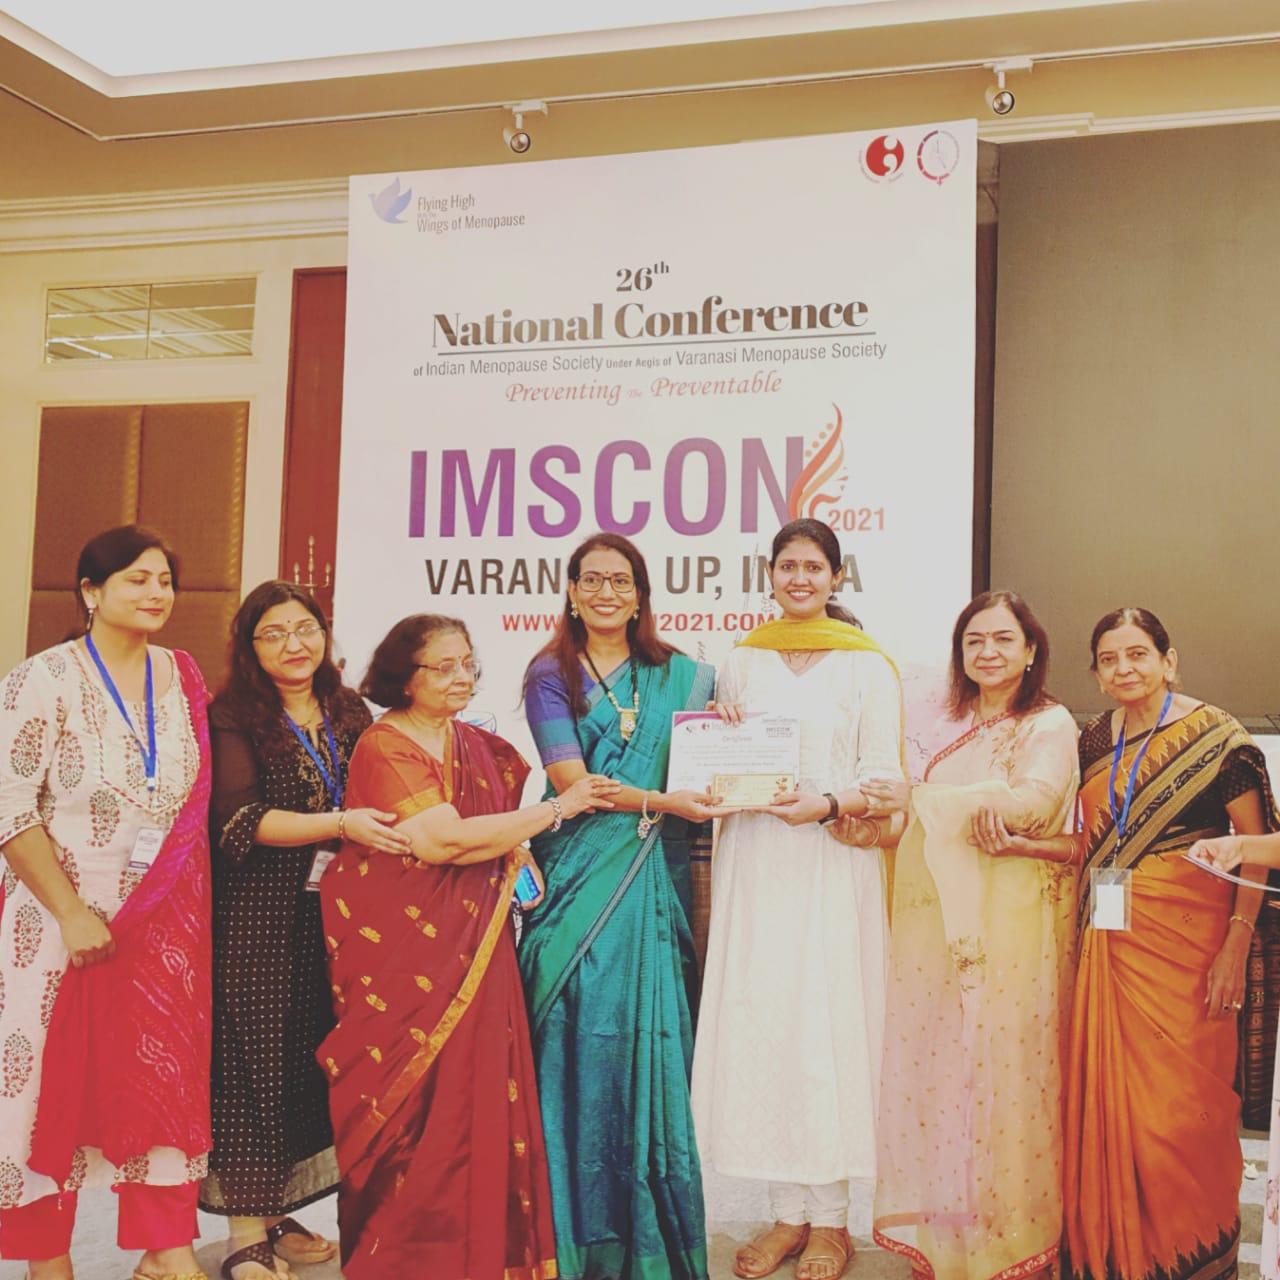 डॉ दिव्या- चौधरीनेशनल मेनुपोज़ प्रश्नोत्तरी- में प्रथम